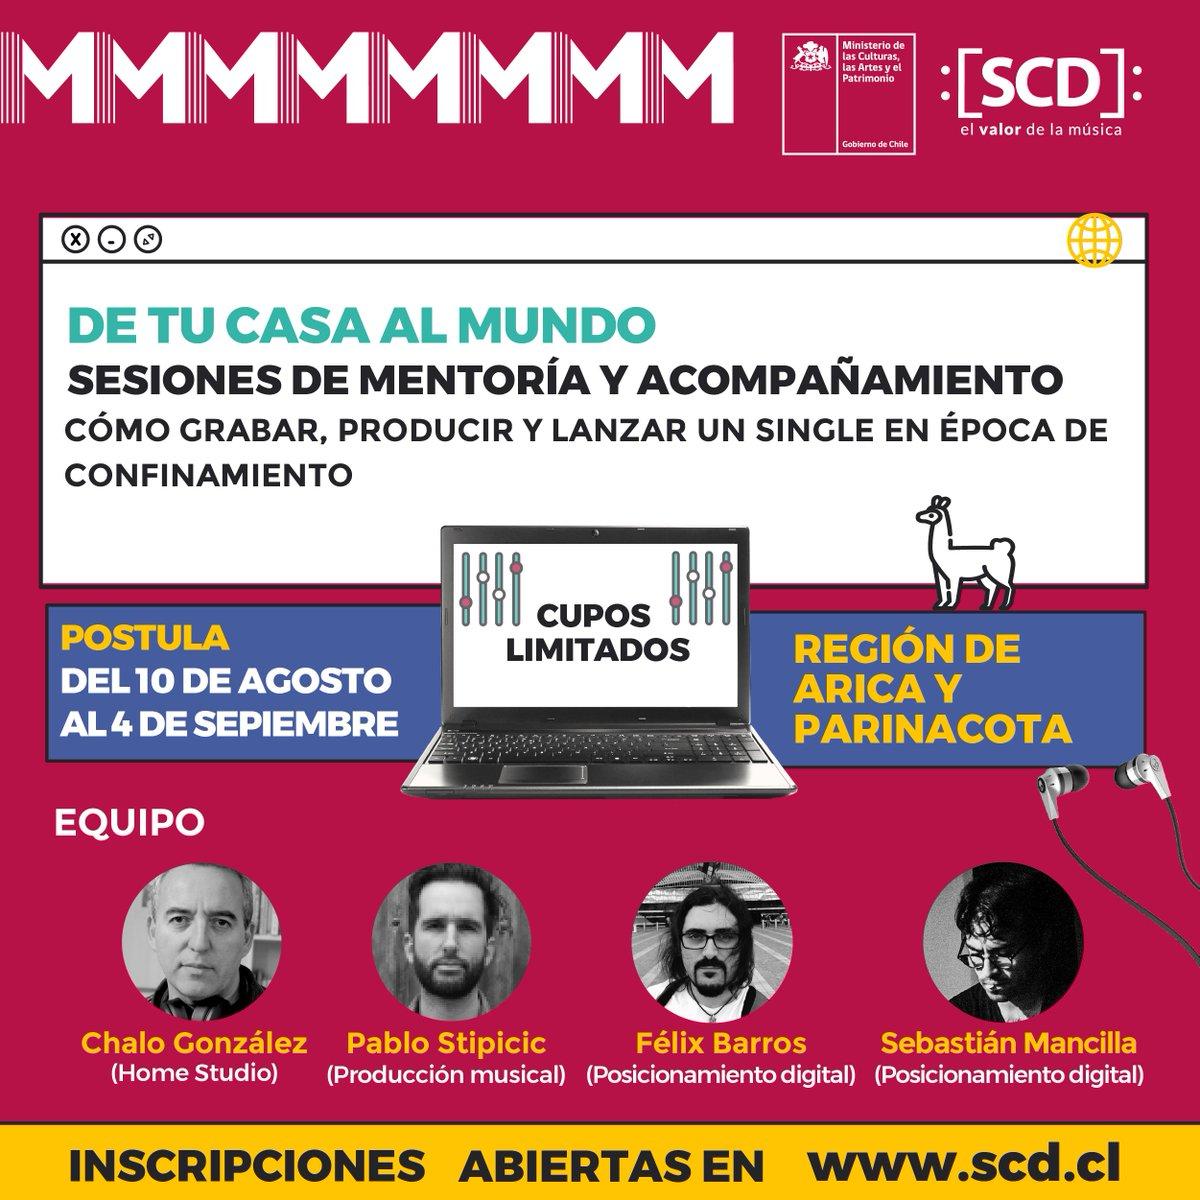 test Twitter Media - ❕ATENCIÓN REGIÓN DE #ARICAYPARINACOTA. ✅ ¿CÓMO POSTULO? 📲💻 Ingresando a https://t.co/1qw8YzCsNg De tu 🏡 al 🌎: Te invitamos a ser parte de una mentoría totalmente gratuita en compañía de reconocidos expertos de la #músicachilena 🔊 https://t.co/LhiX8FNNBR